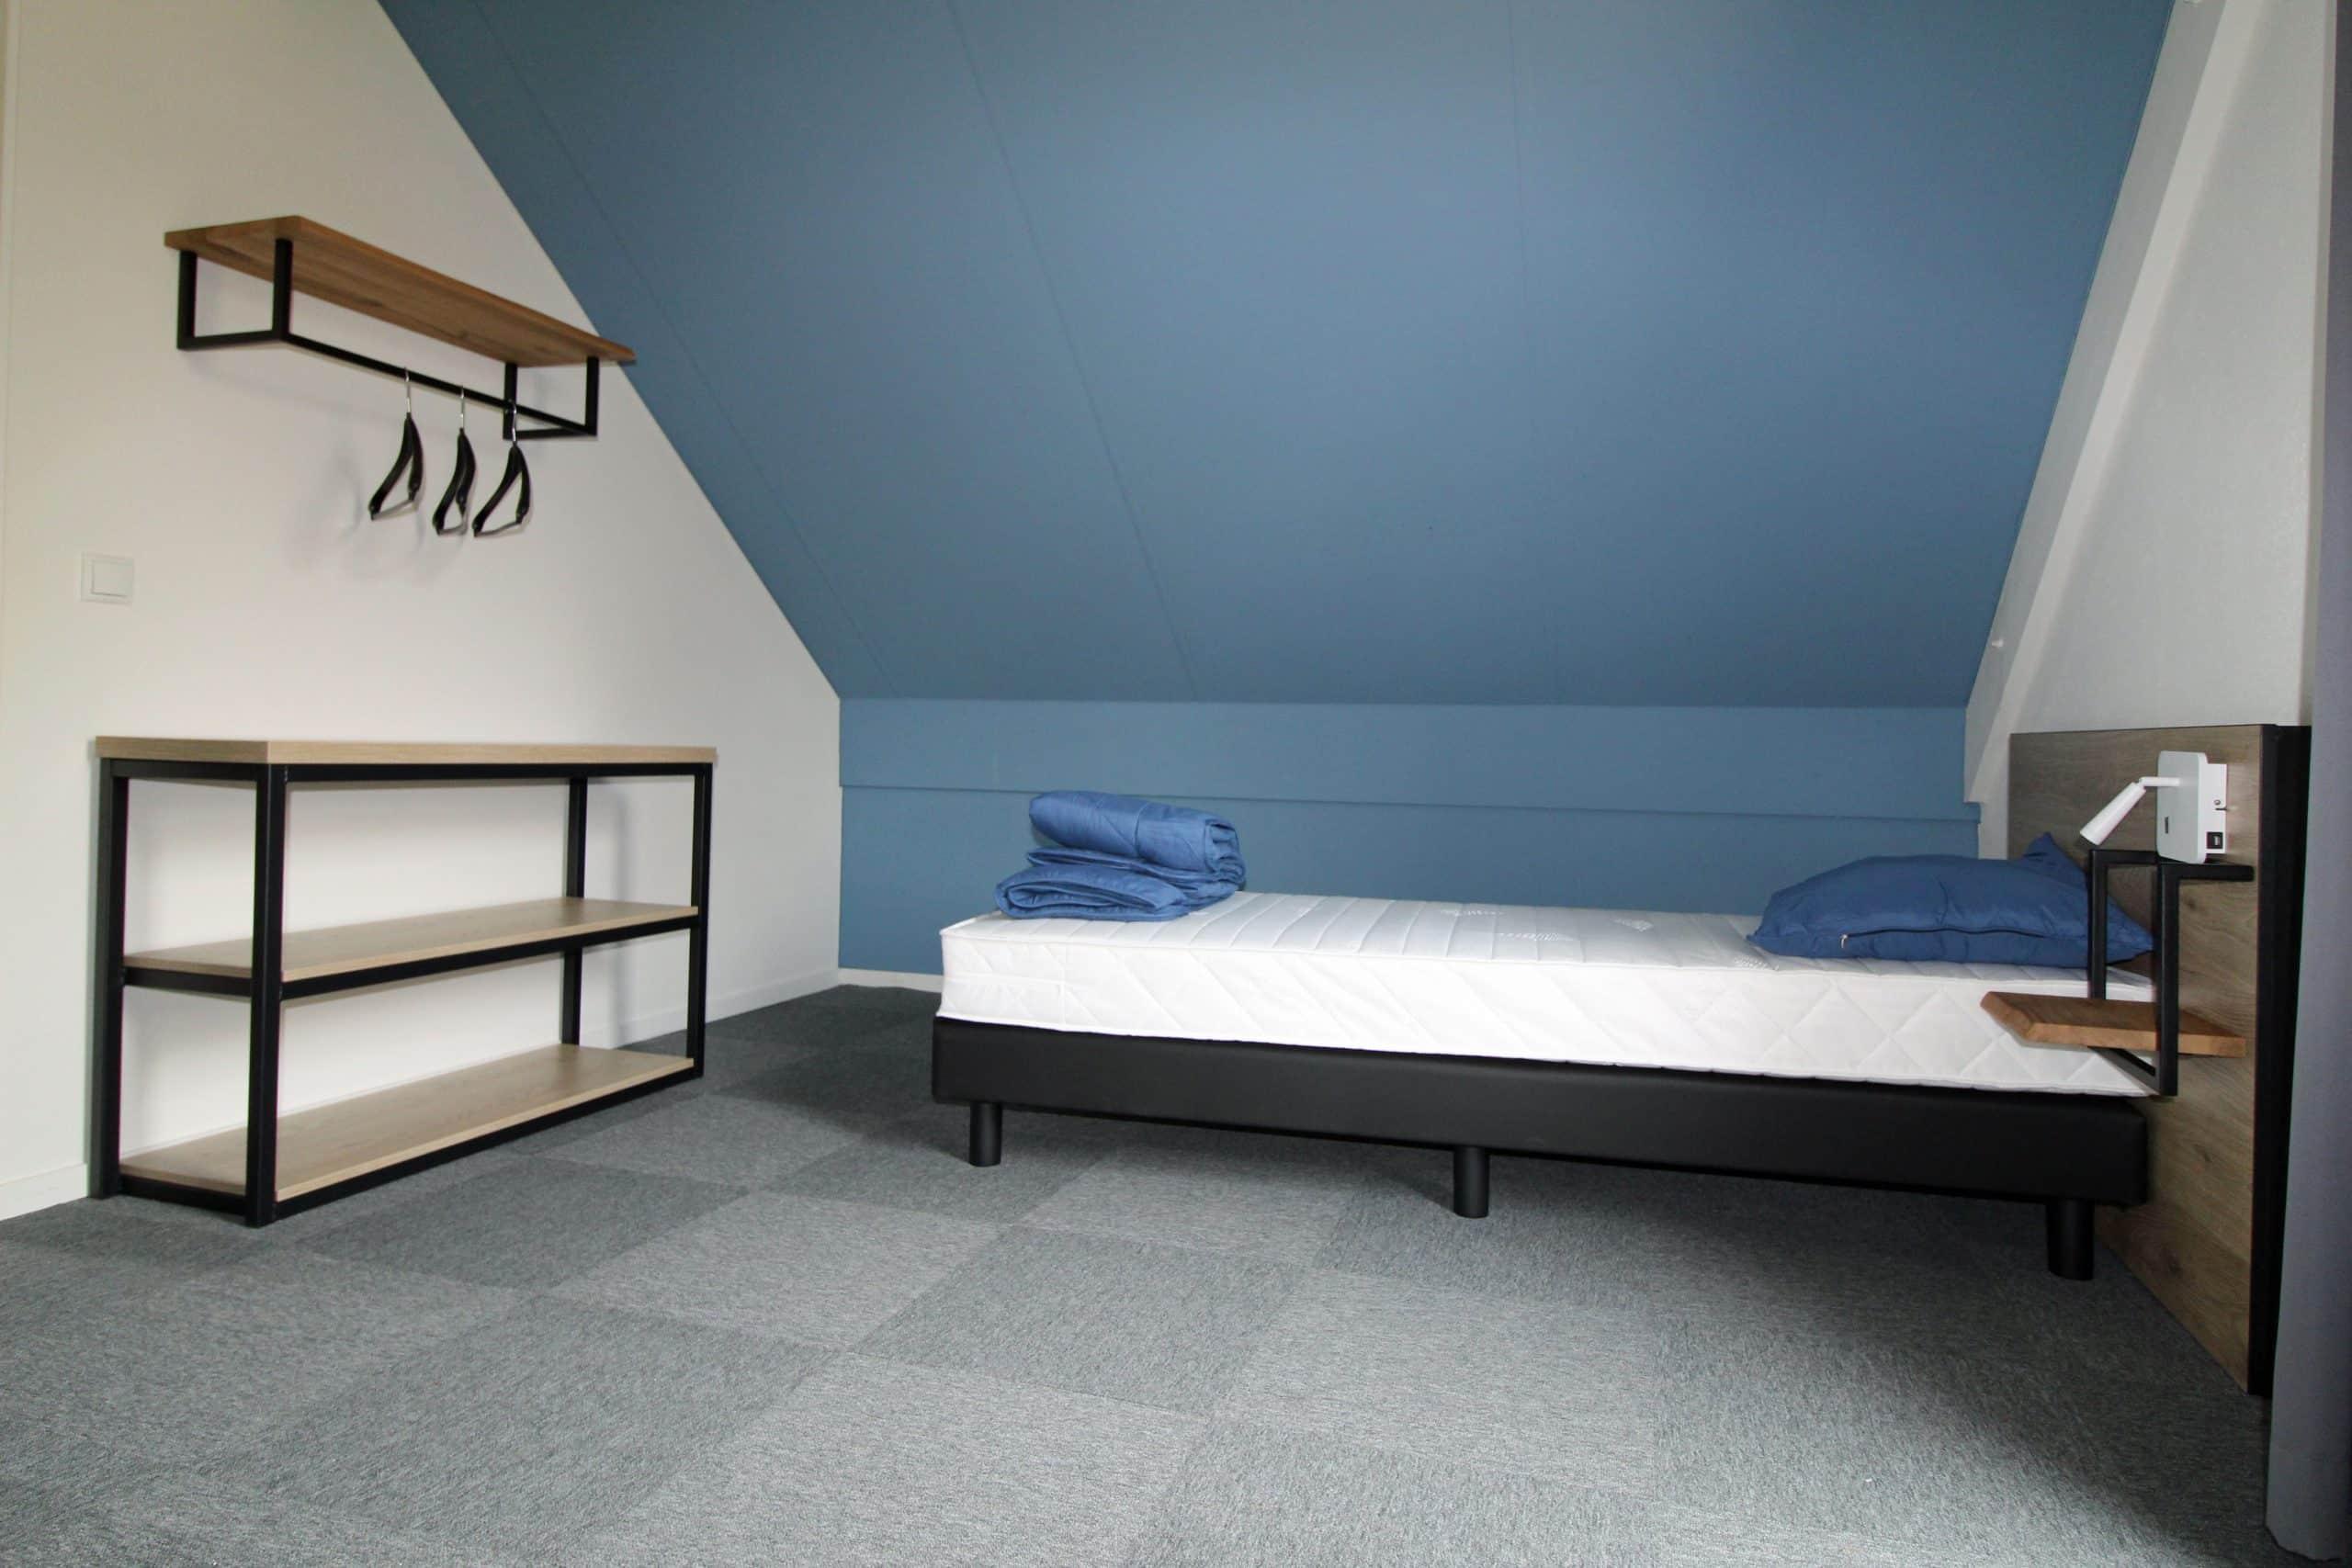 slaapkamer-4p